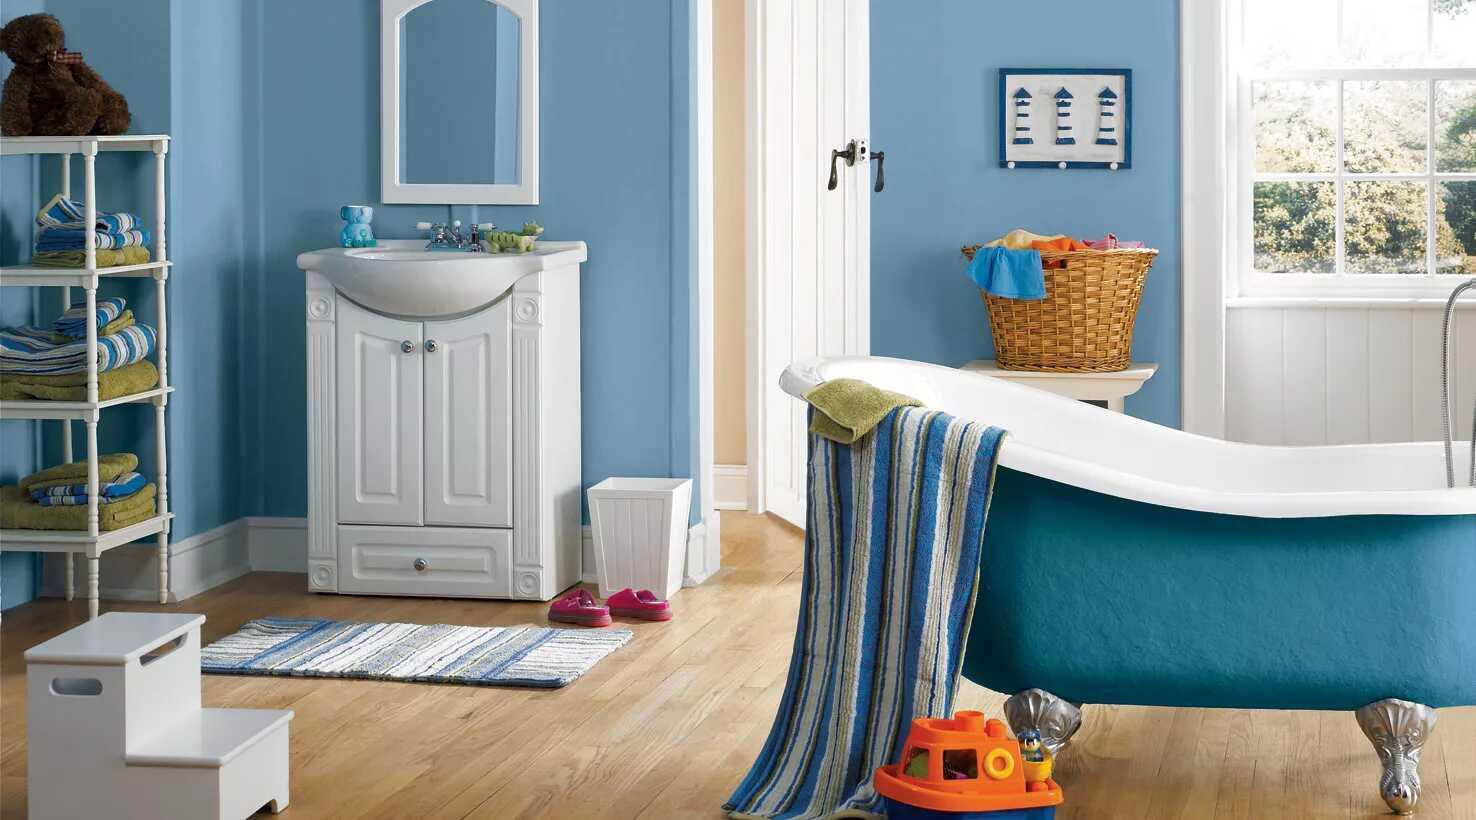 Phòng tắm màu xanh lam